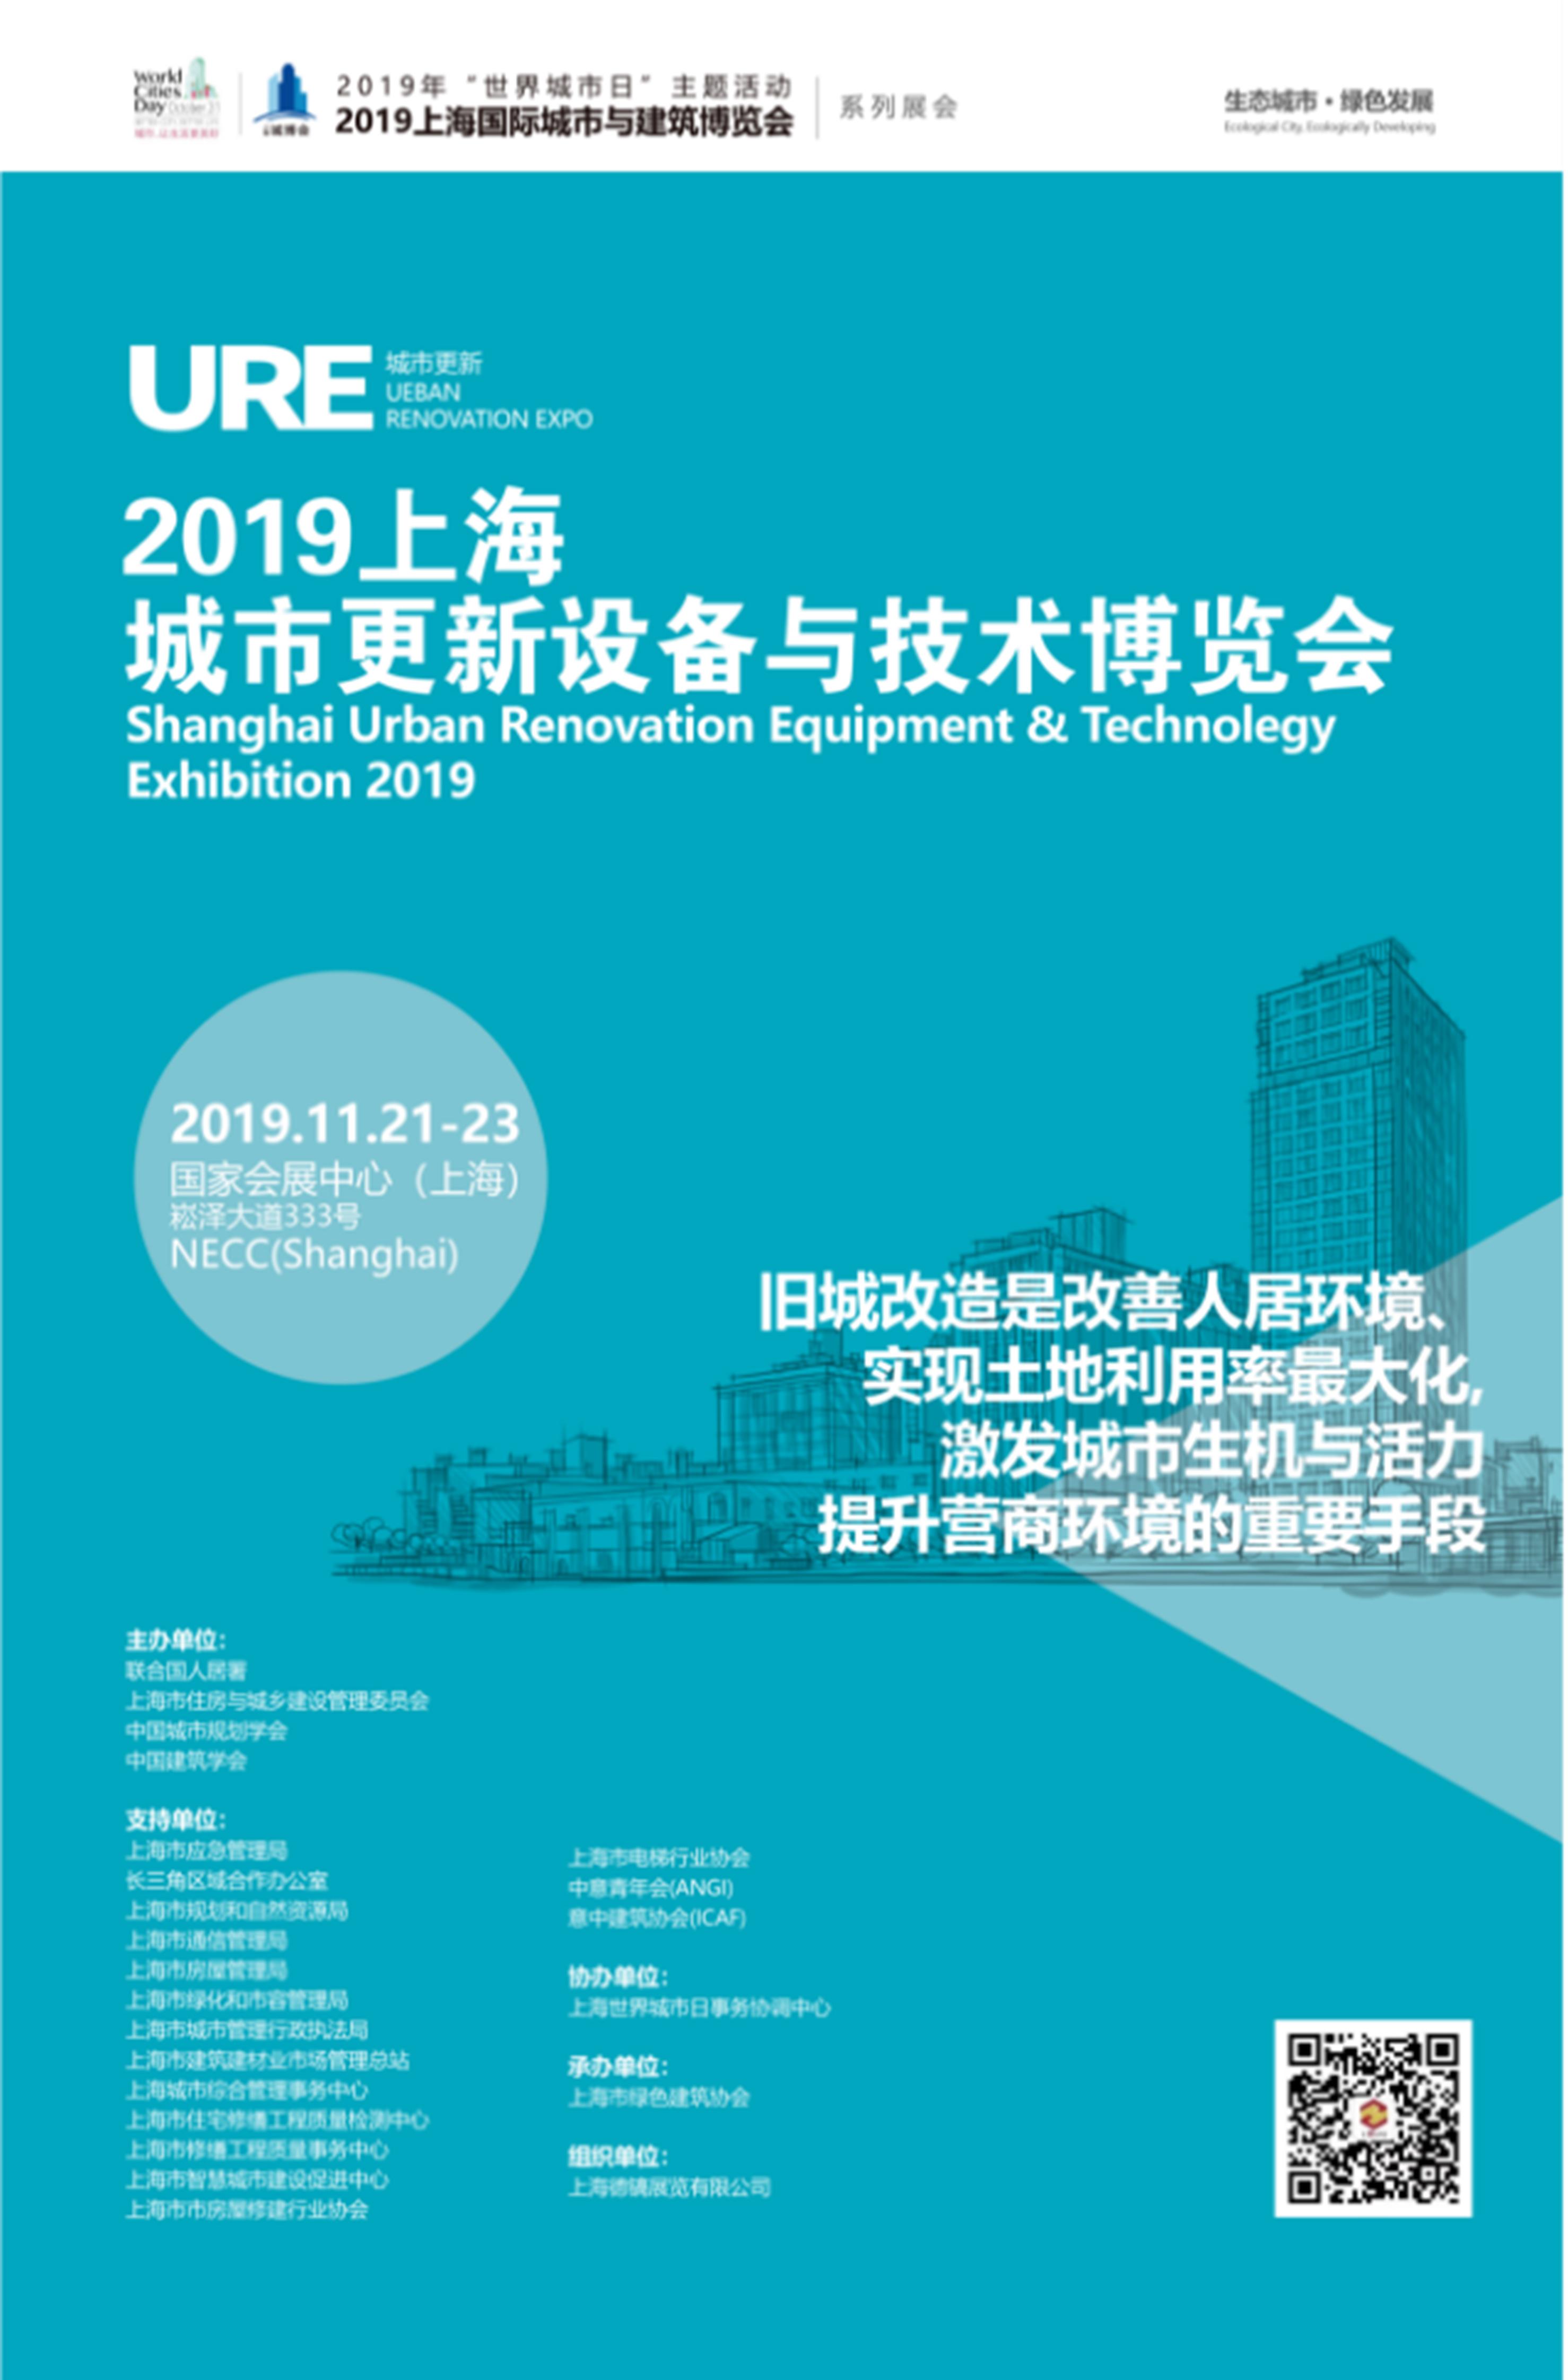 2019上海城市更新设备与技术博览会